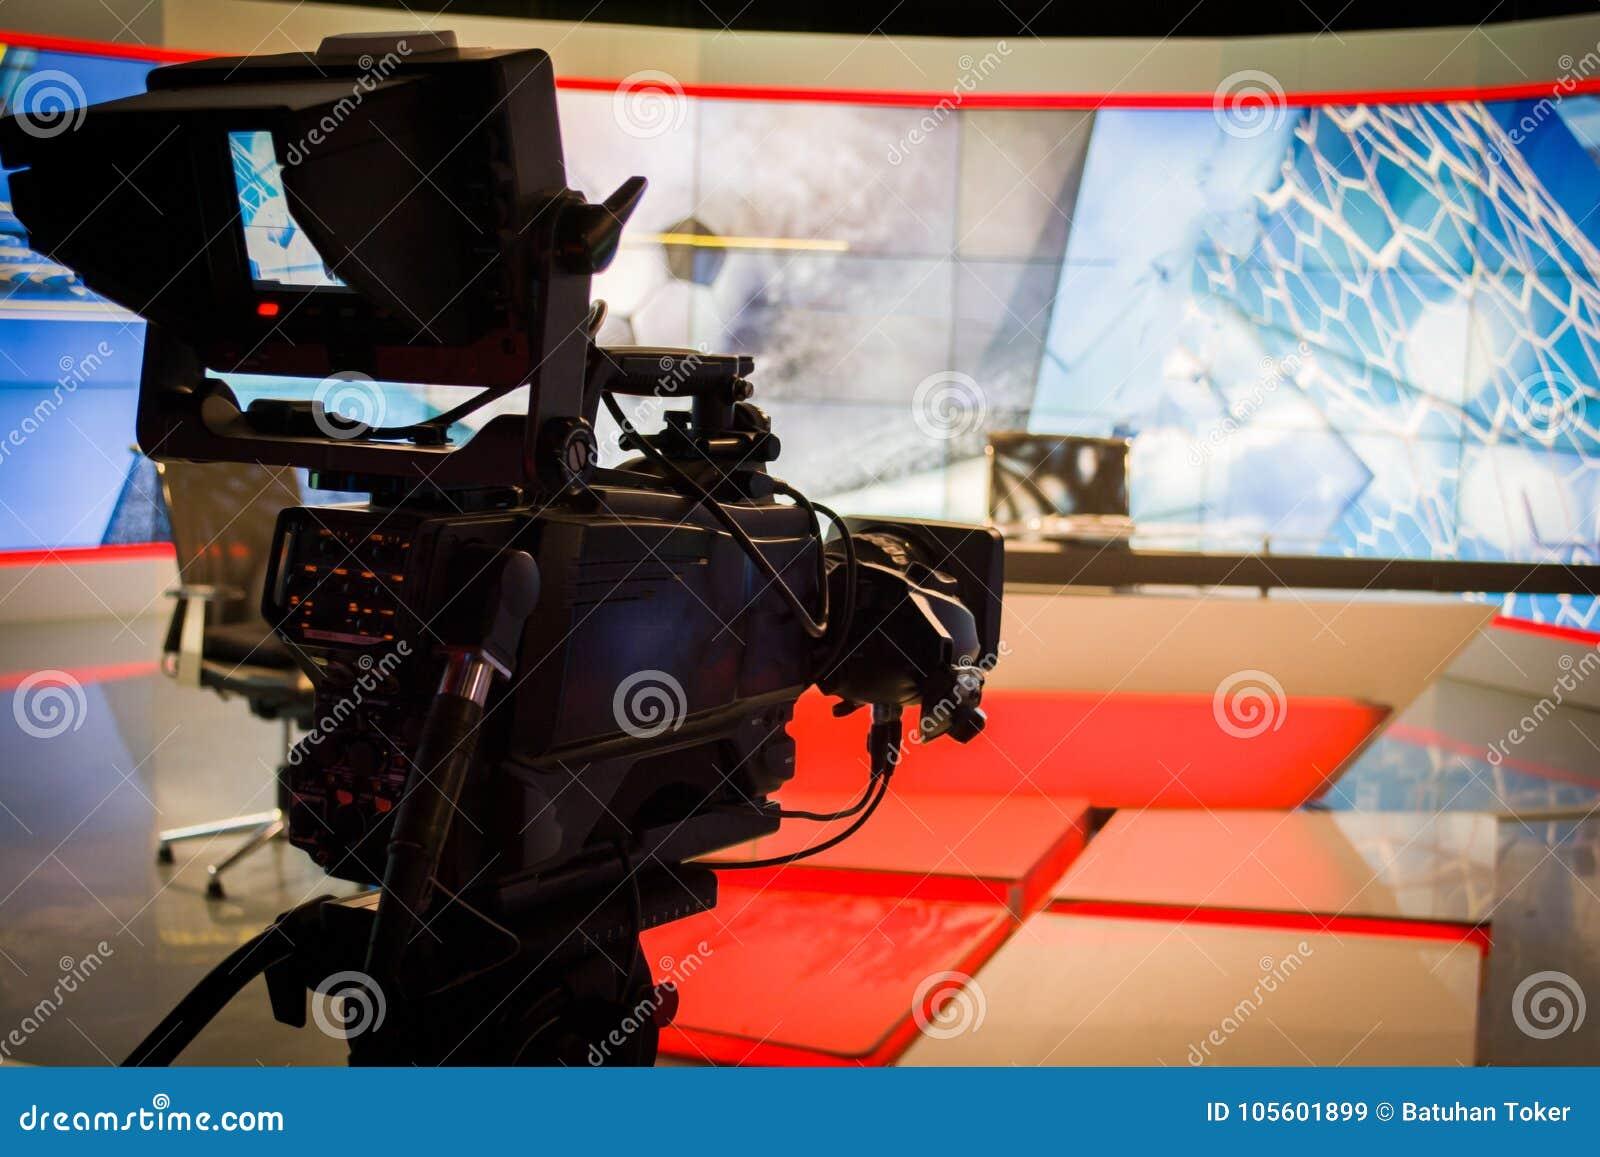 Demostración de la grabación de la lente de la cámara de vídeo en foco del estudio de la TV en la cámara ap